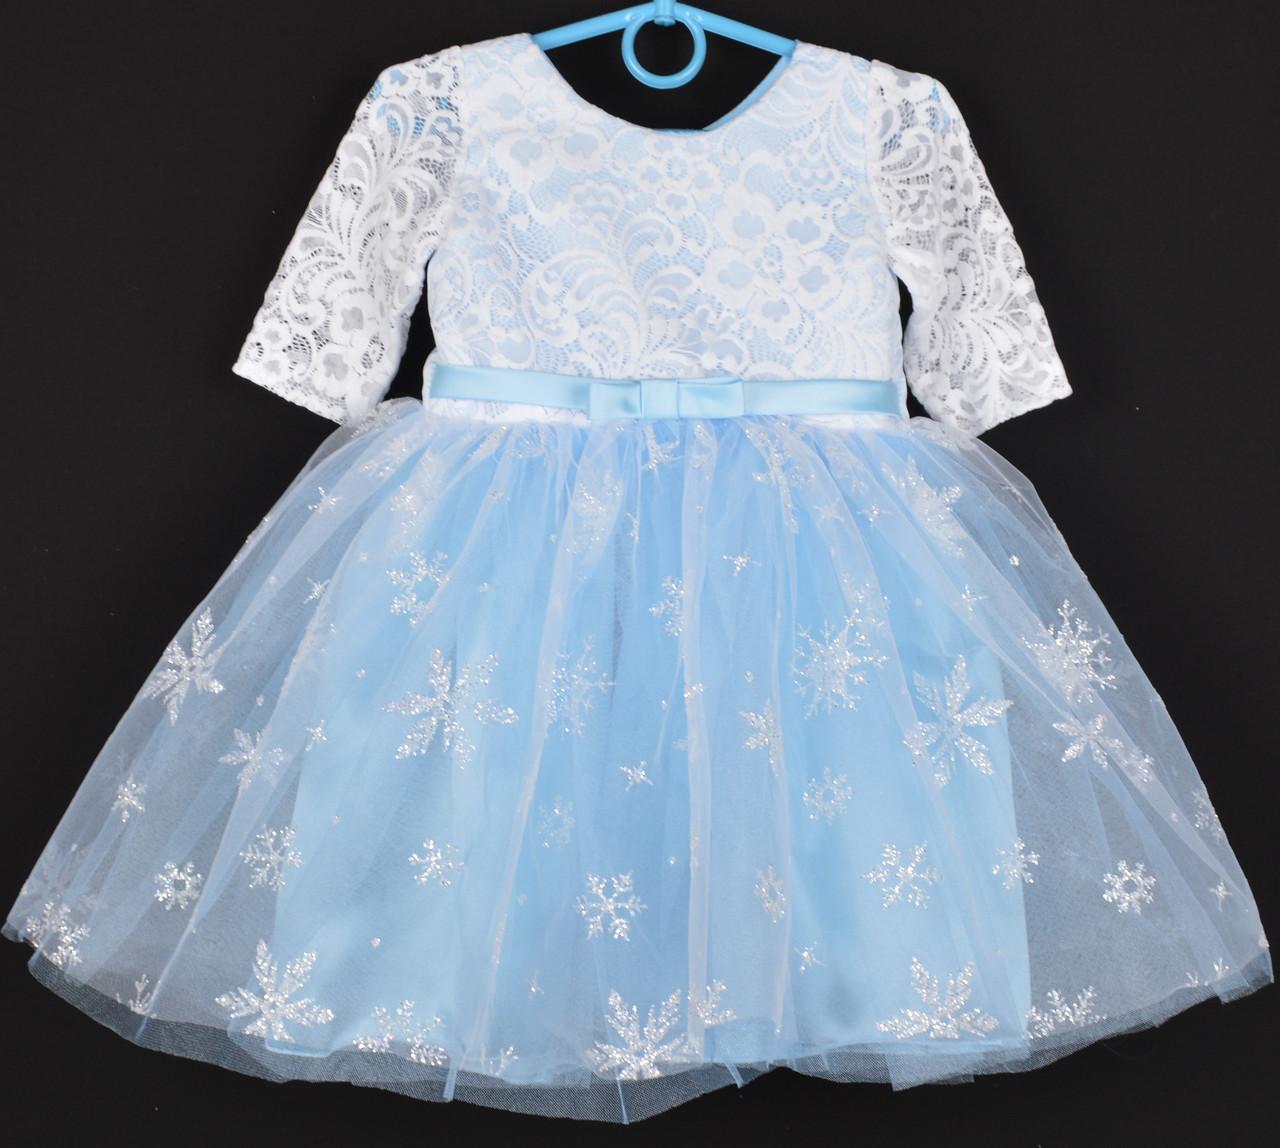 """Платье нарядное детское """"Снежинка"""". 2-3 года. Бело-голубое. Оптом и в розницу"""